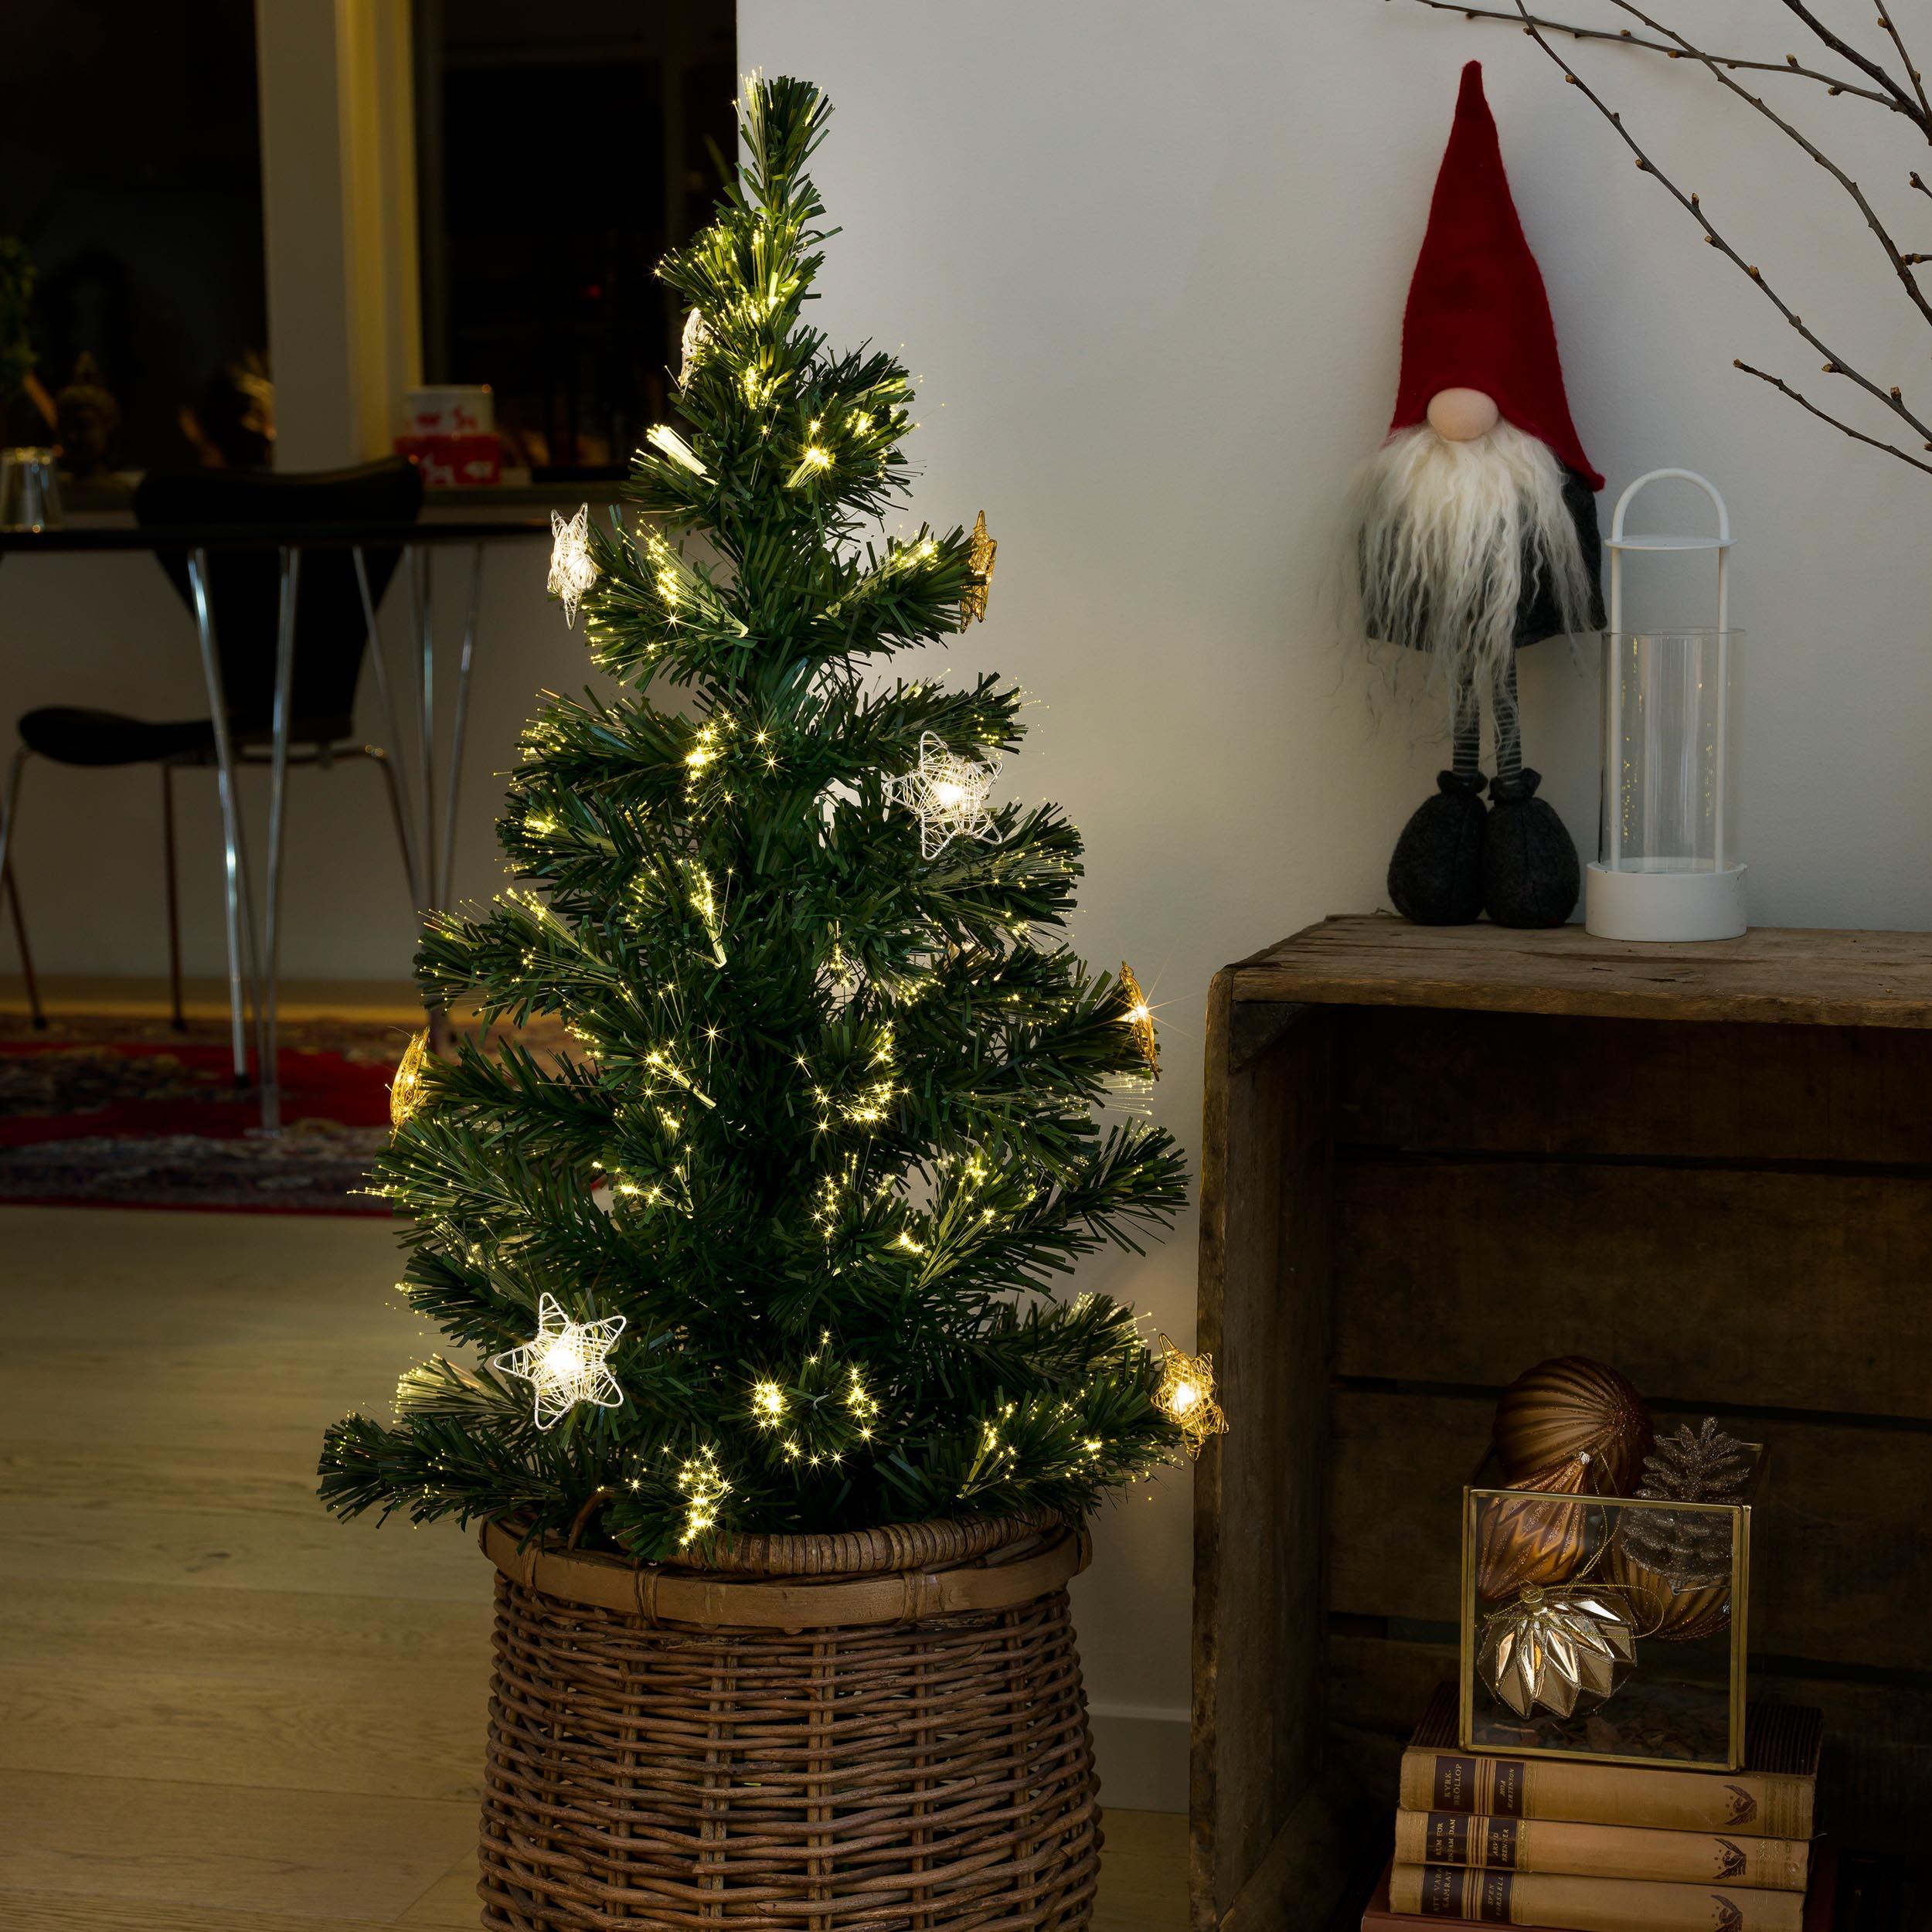 Gnosjö Konstsmide GmbH Konstsmide LED Fiberoptik Weihnachtsbaum, 12 warmweiße Dioden, 90cm 3398-900